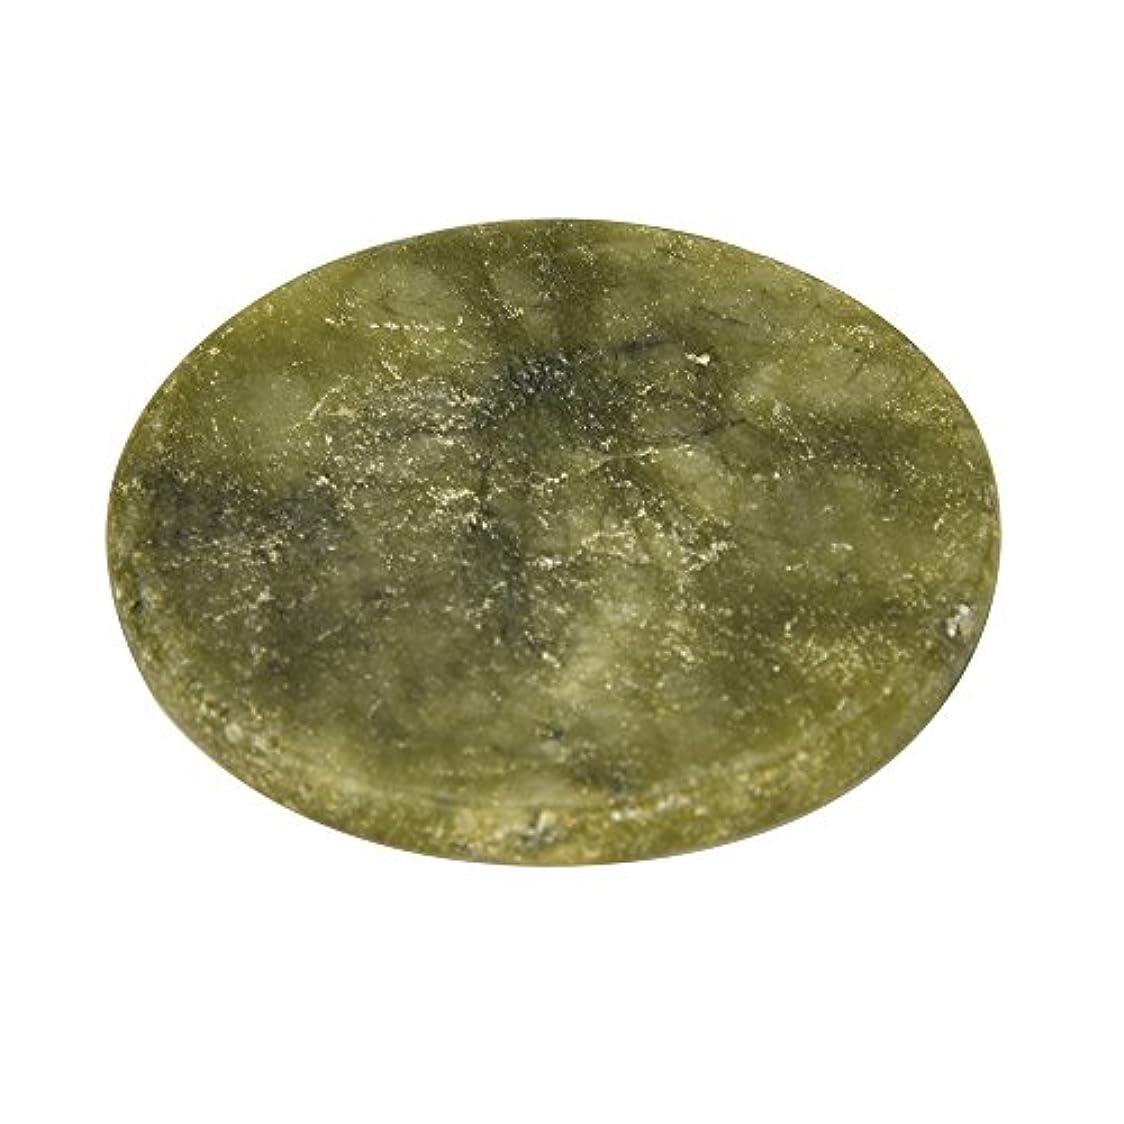 お金パプアニューギニア驚自然な玉石の再使用可能なまつげパッドパレット立場??は緩い延長をします